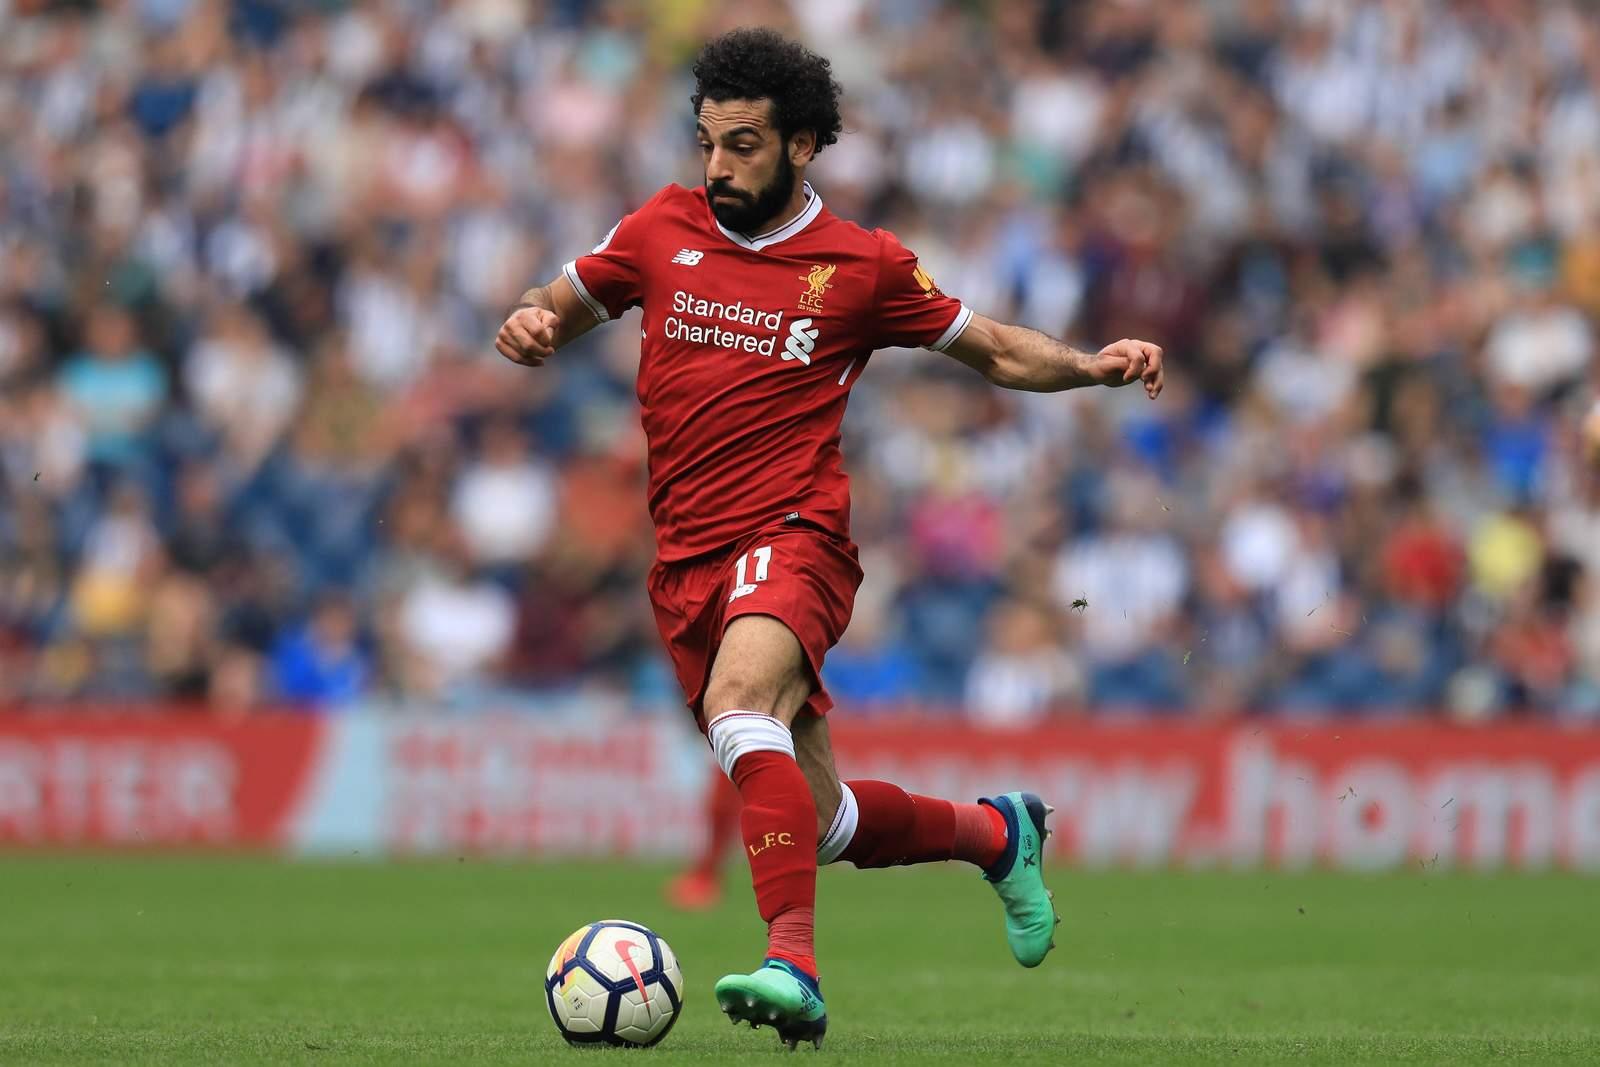 Führt Salah die Reds zum Sieg? Jetzt auf Liverpool vs Neapel wetten